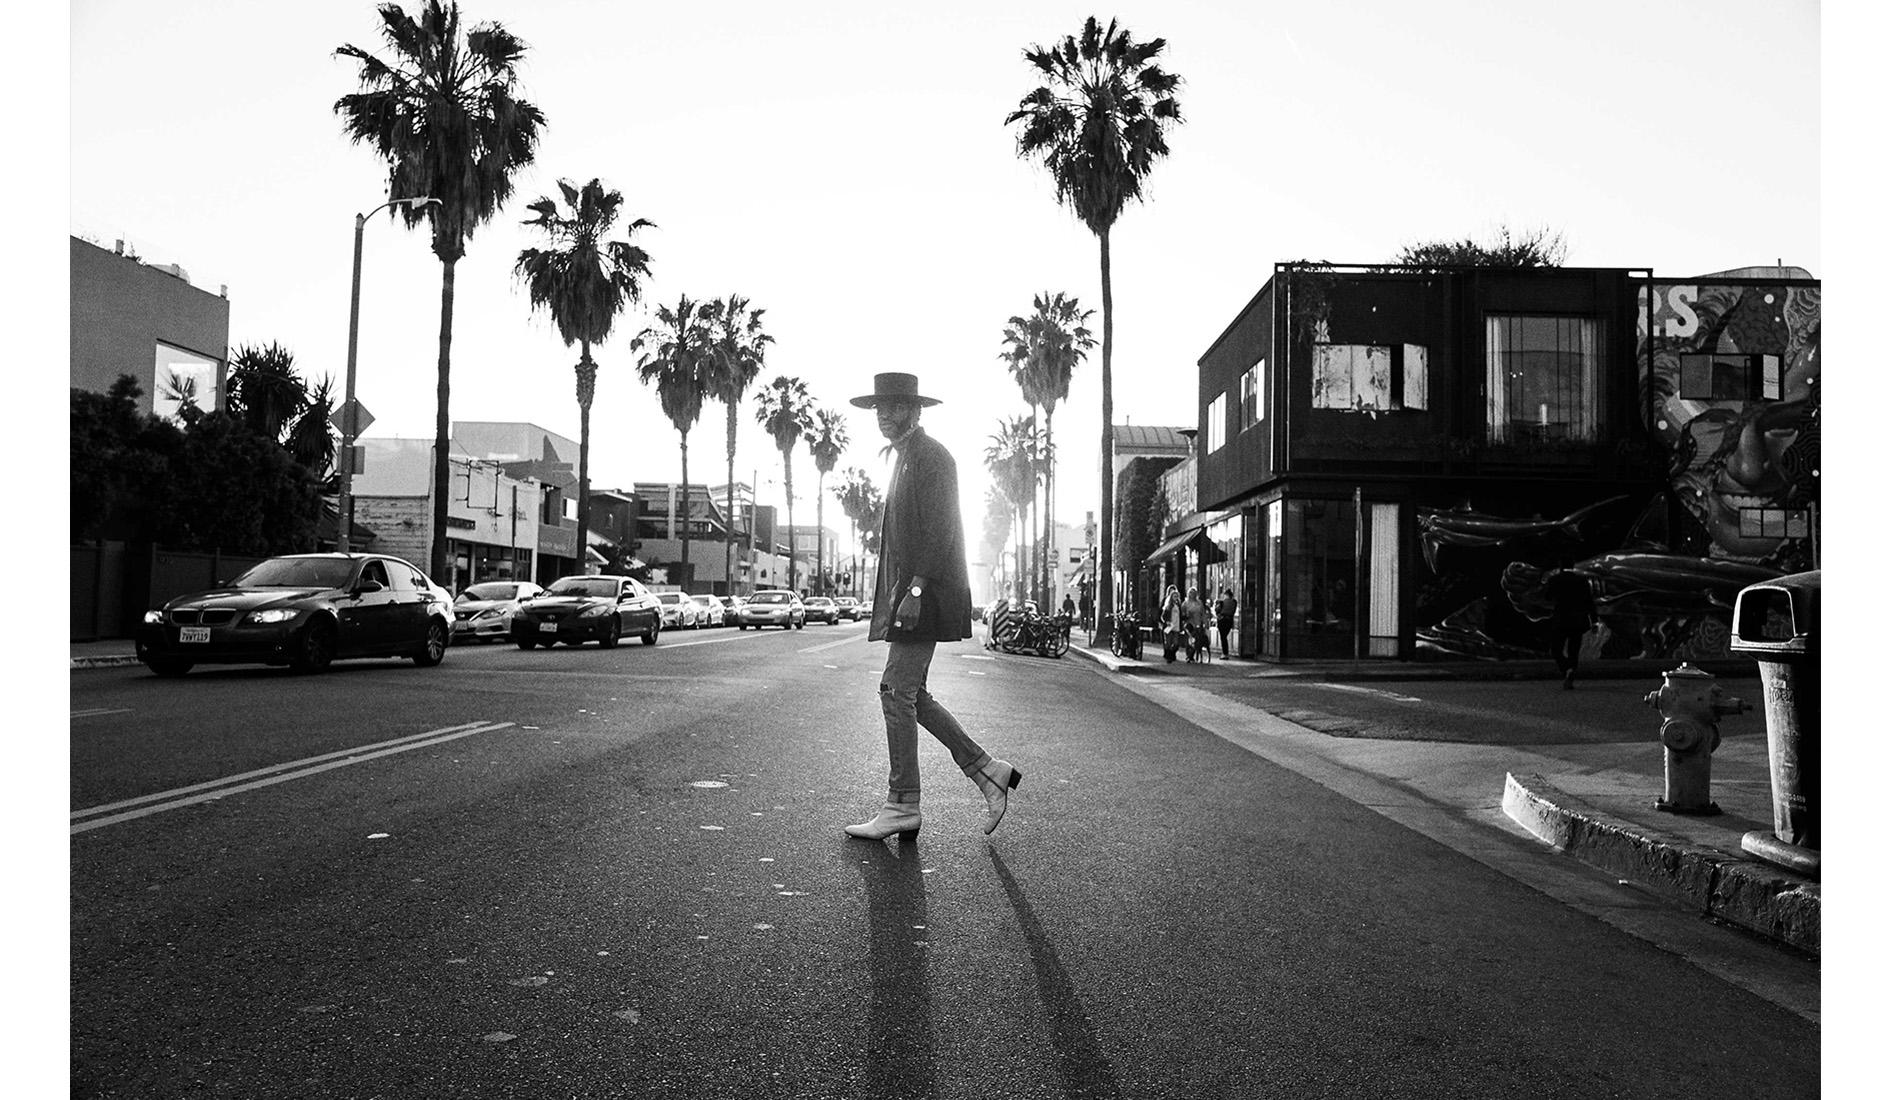 michael-scott-slosar-power-LA-street-story-emmett-skyy-cover-2018-015.jpg